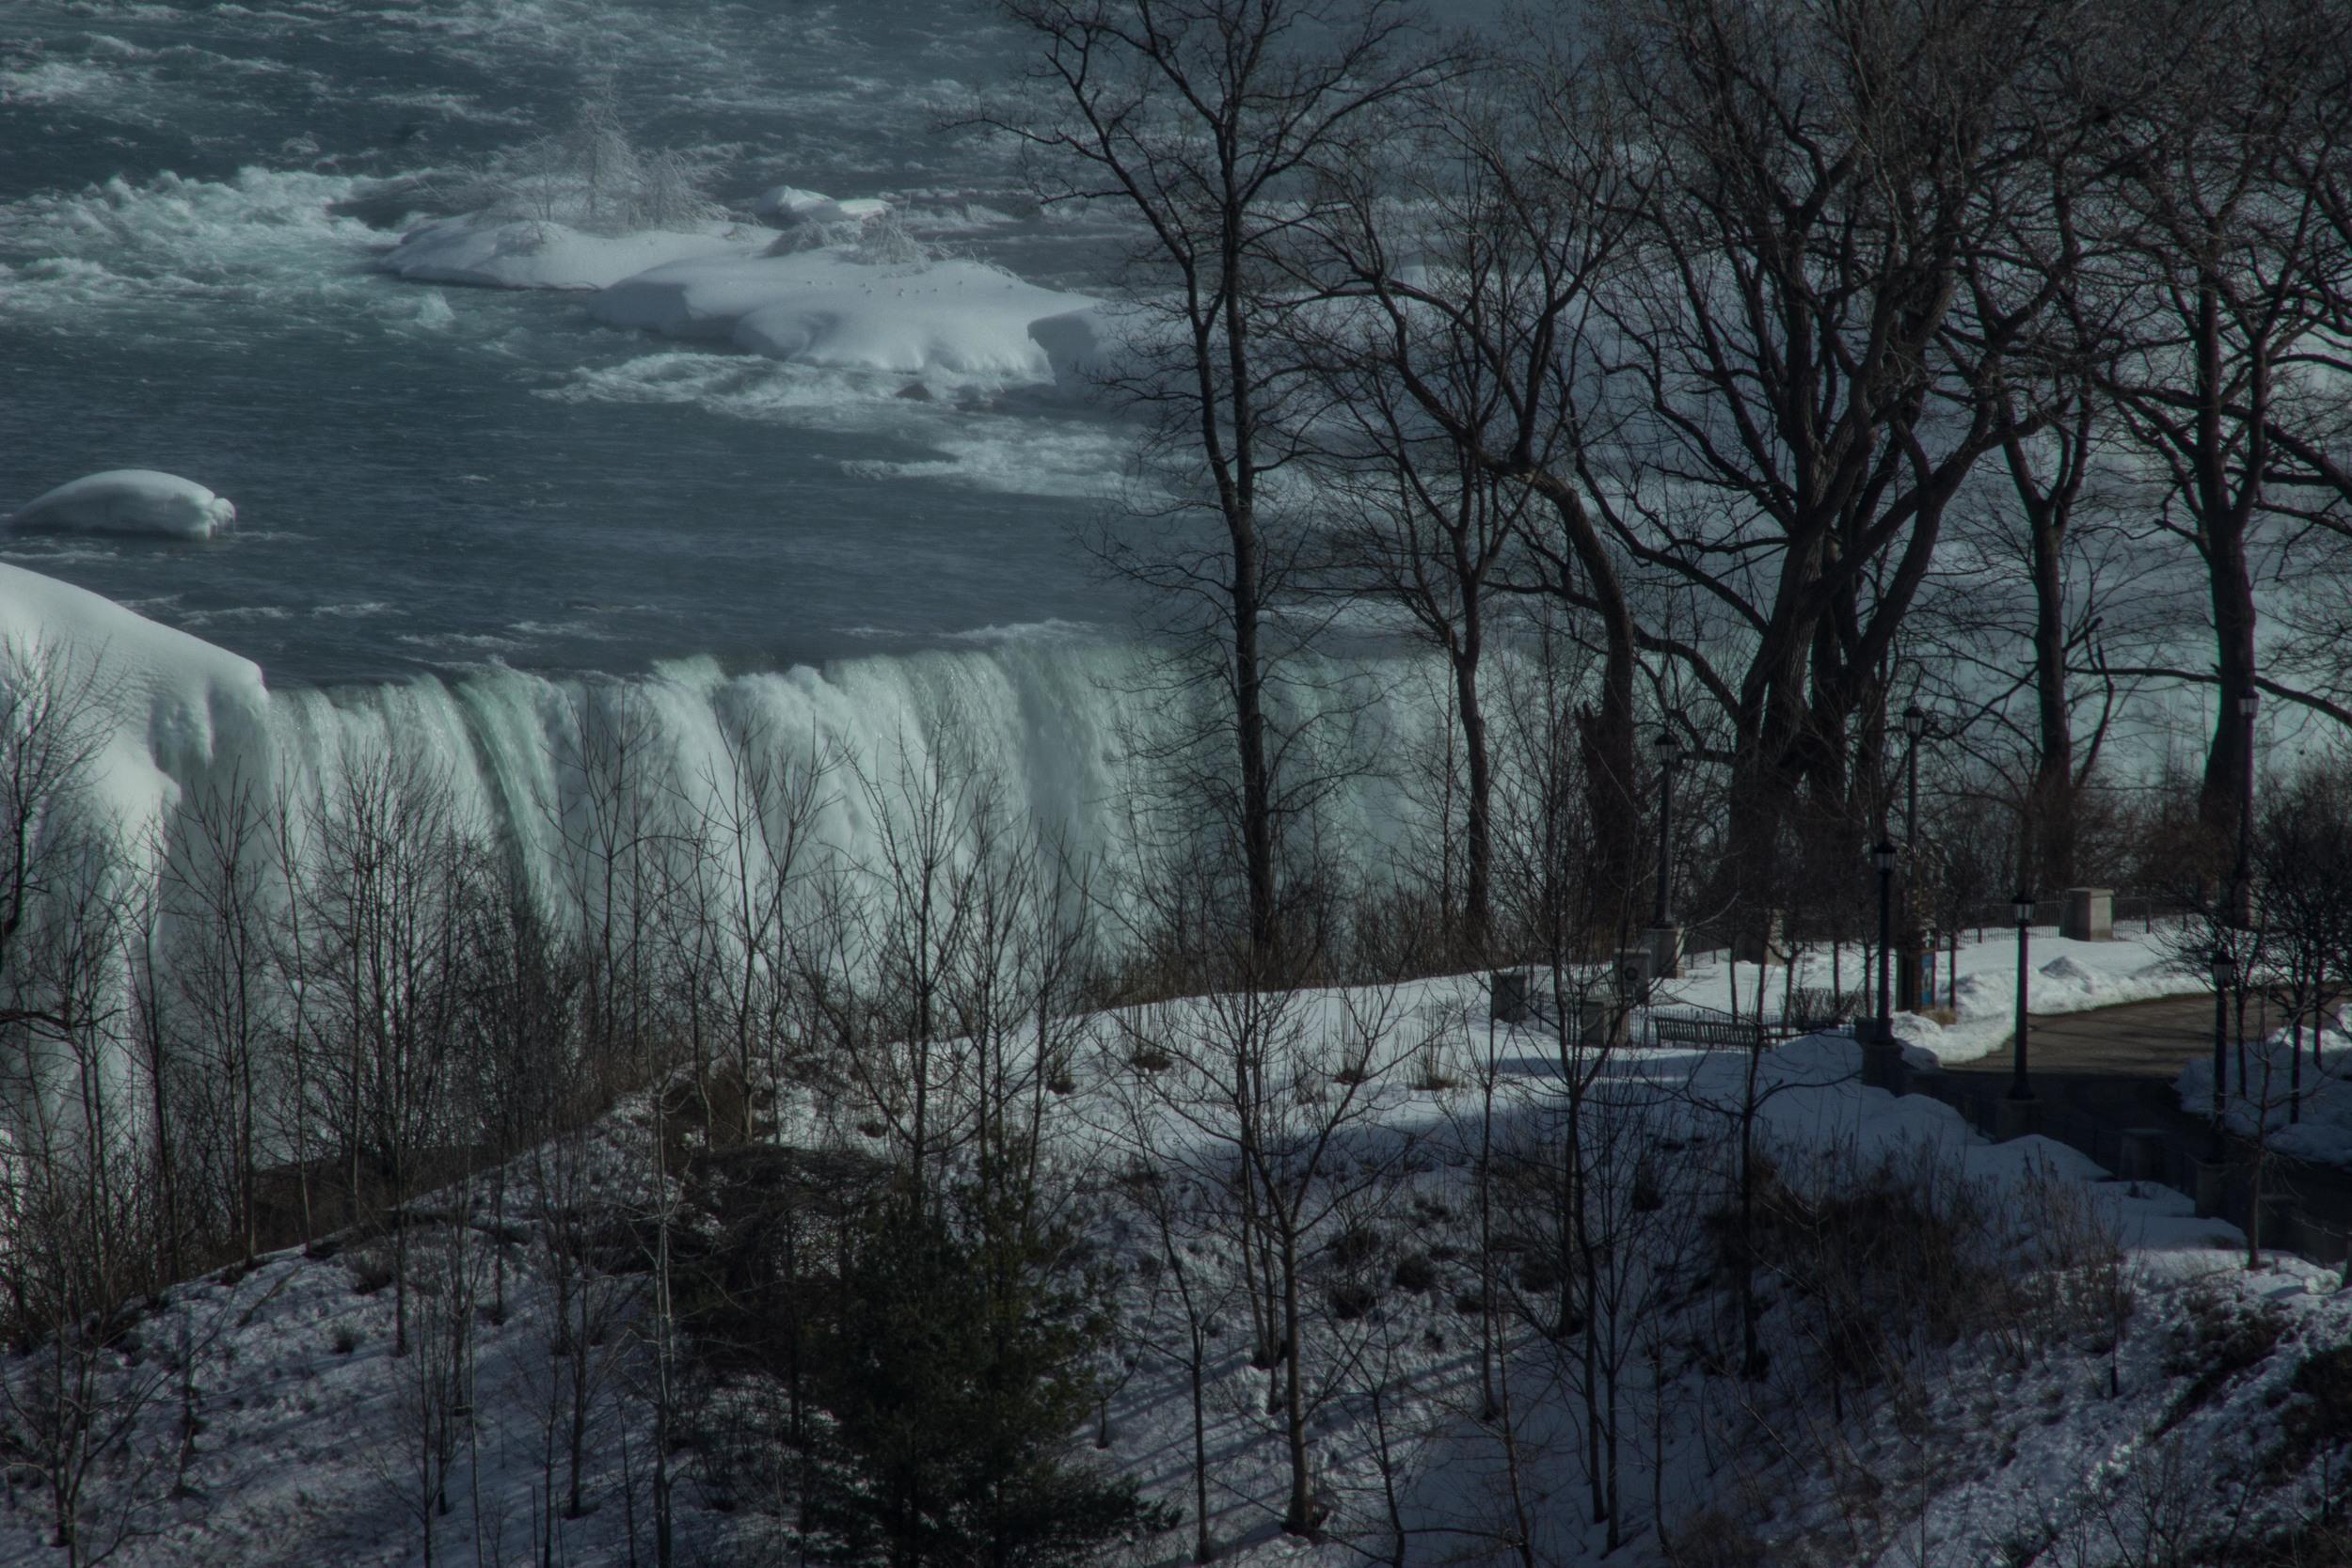 NiagaraFalls_2015_0319_0003.jpg